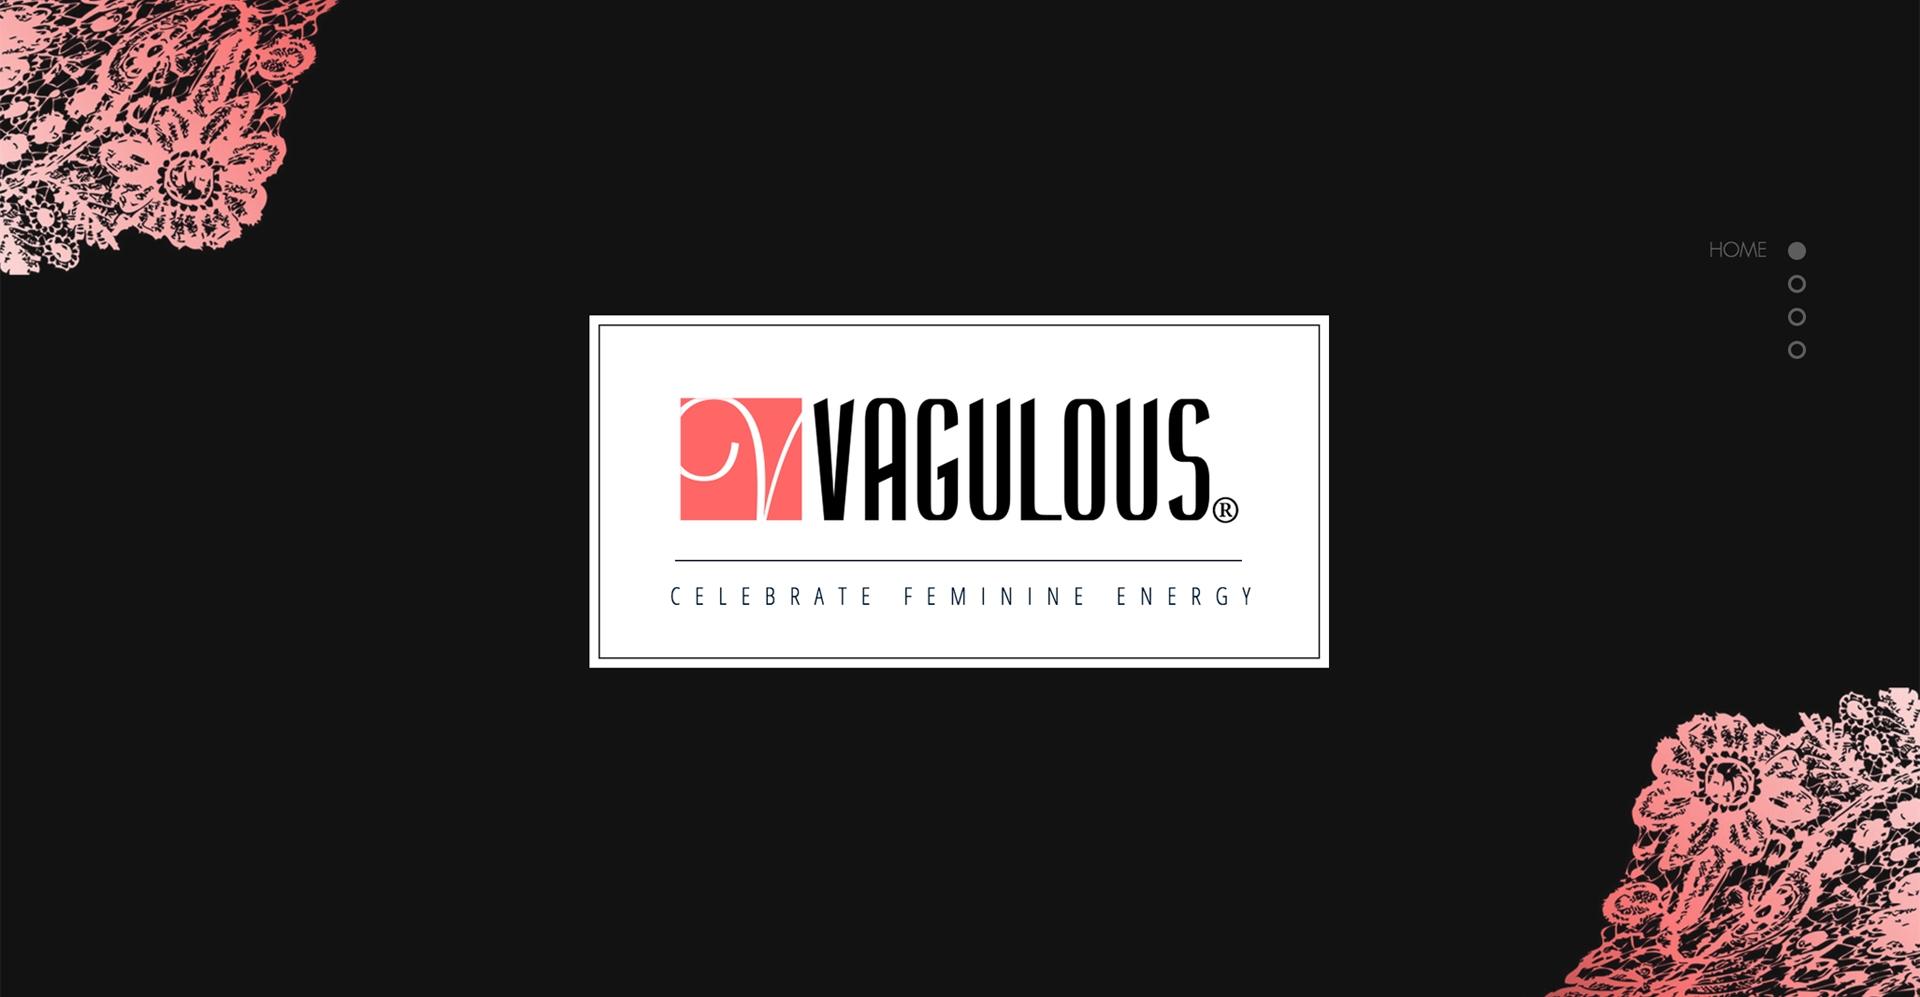 Vagulous.com